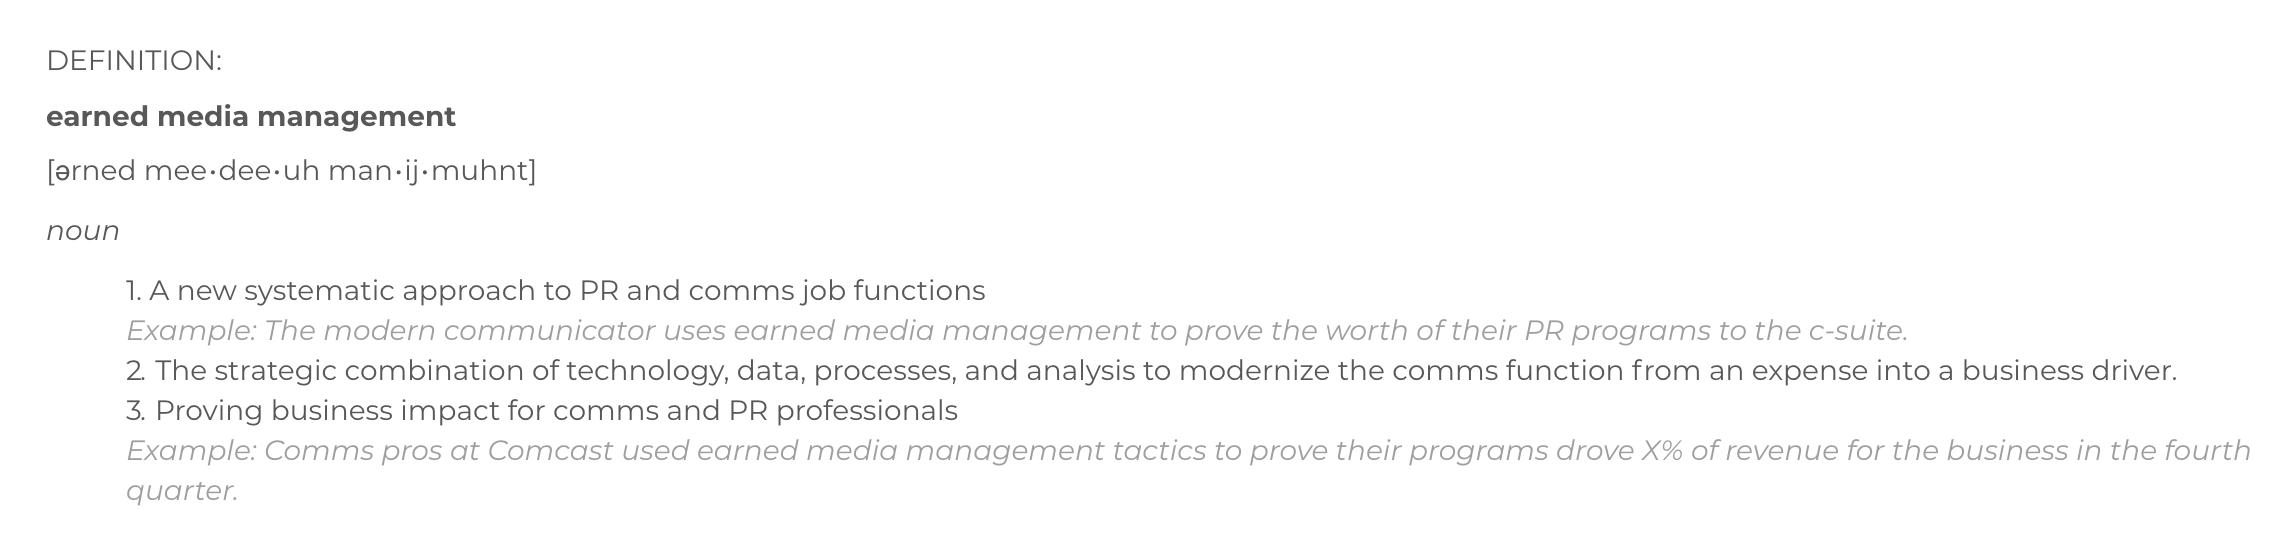 Earned Media Management Definition